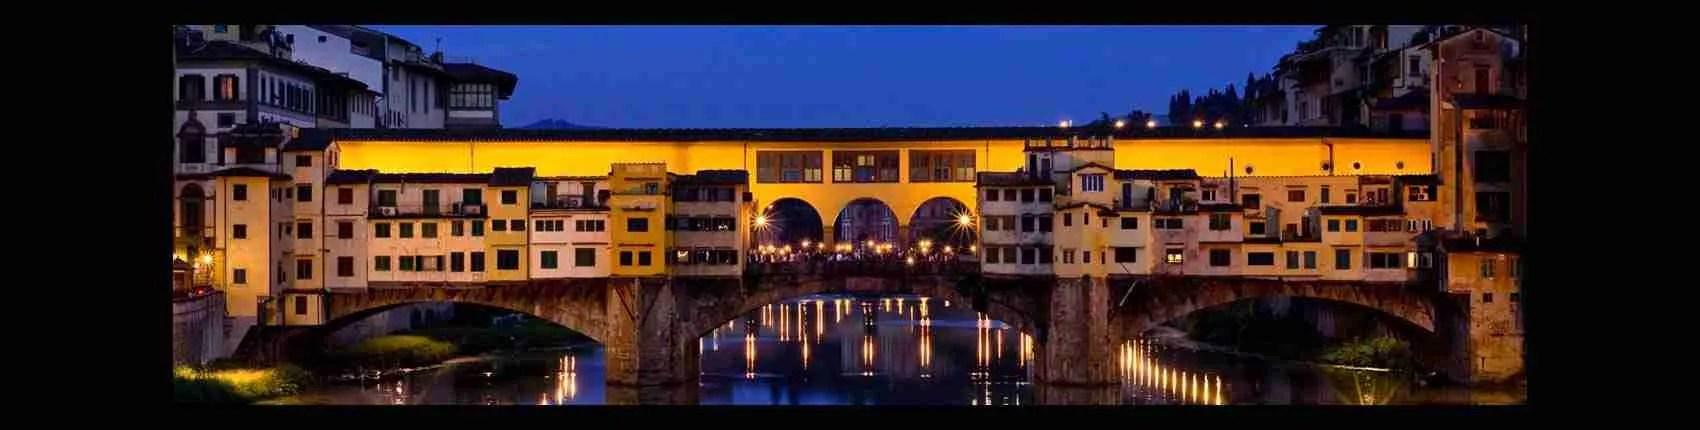 Il Ponte Vecchio di Firenze è il luogo preferito dalle escort Firenze per una passeggiata romantica. Magica Escort